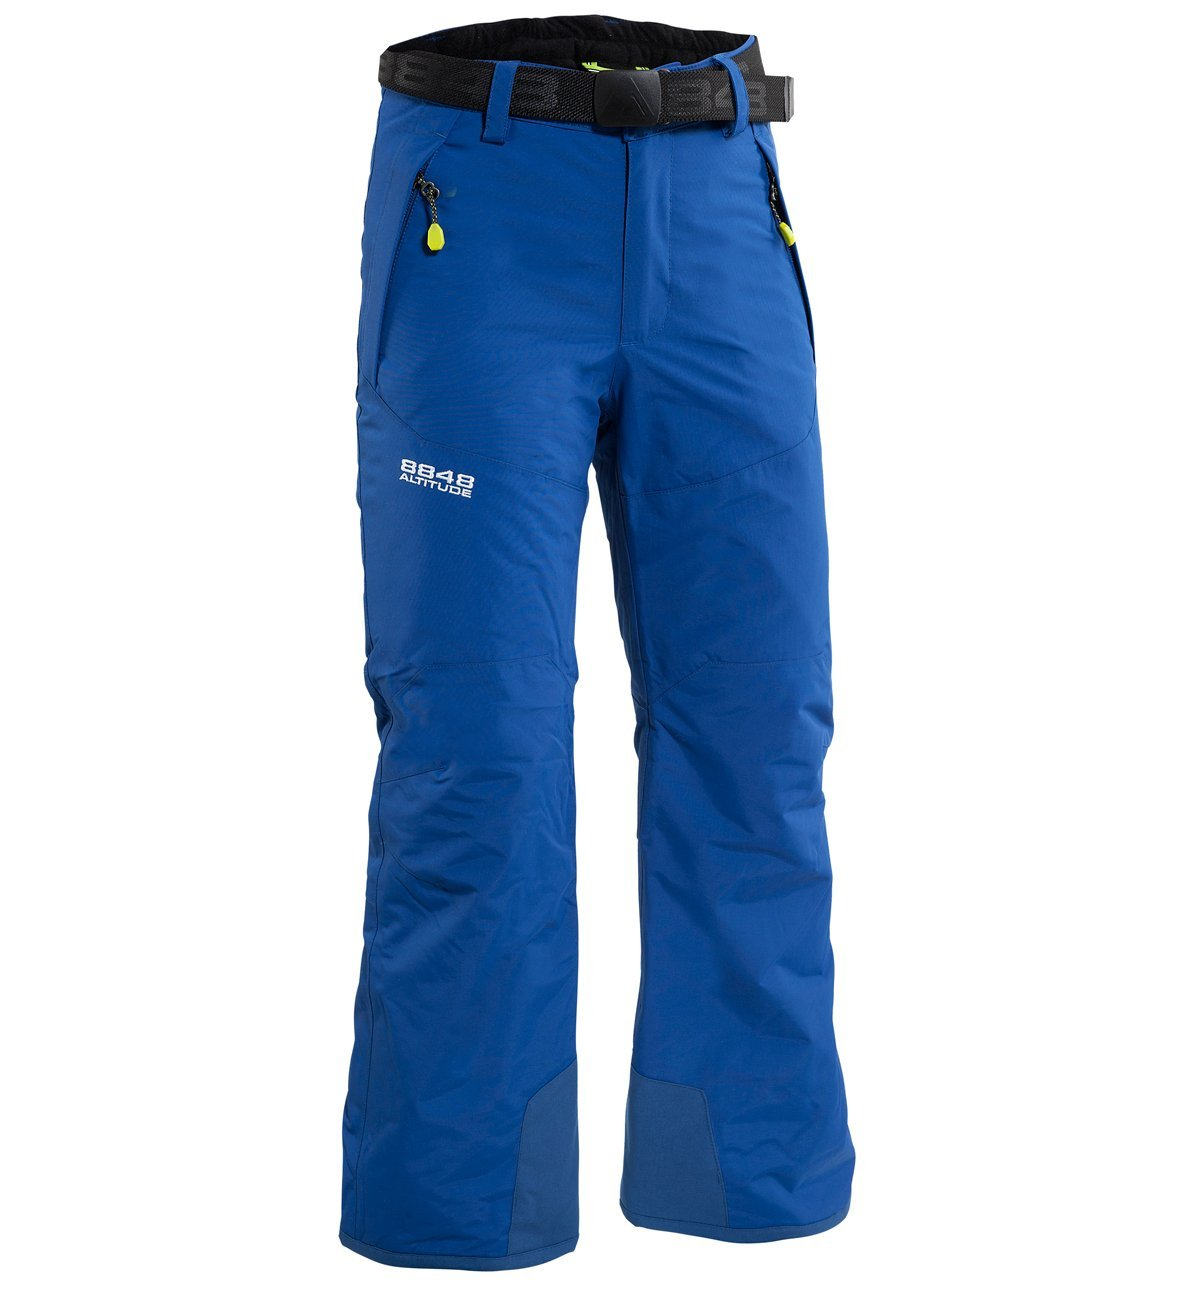 Горнолыжные брюки подростковые 8848 Altitude Inca 850340 синие| Five-sport.ru